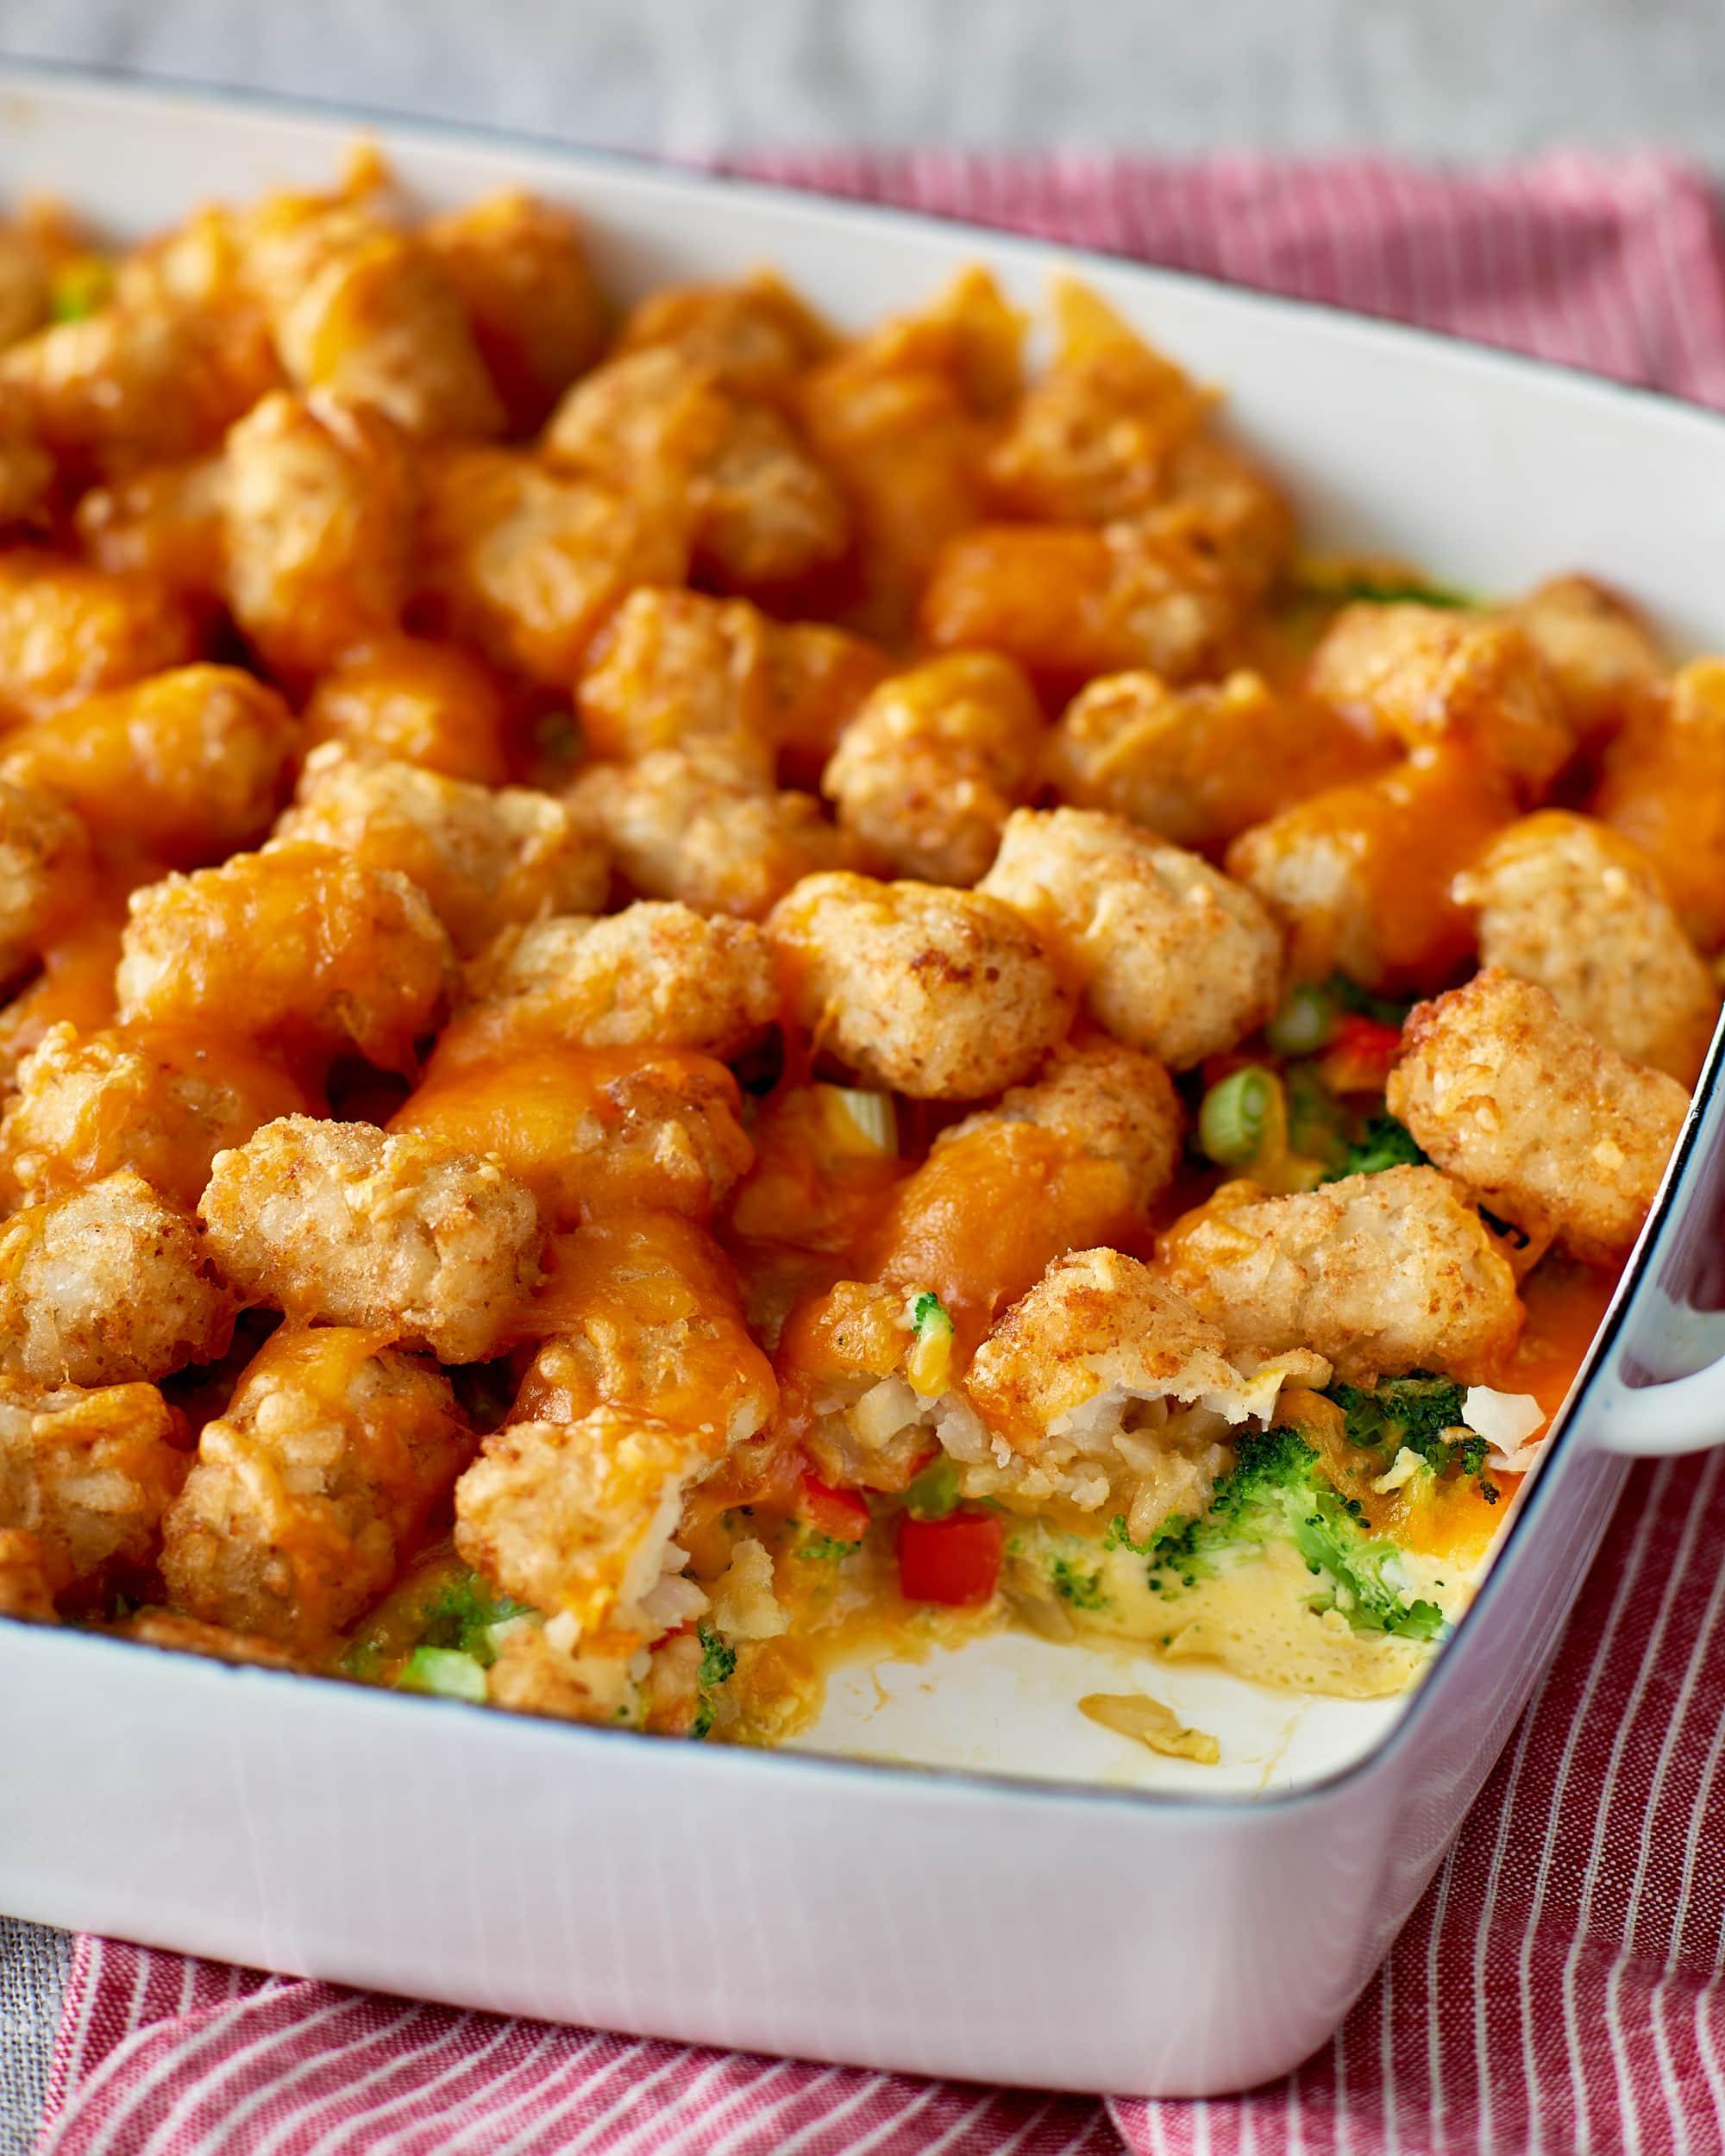 Recipe: Veggie-Packed Tater Tot Breakfast Bake